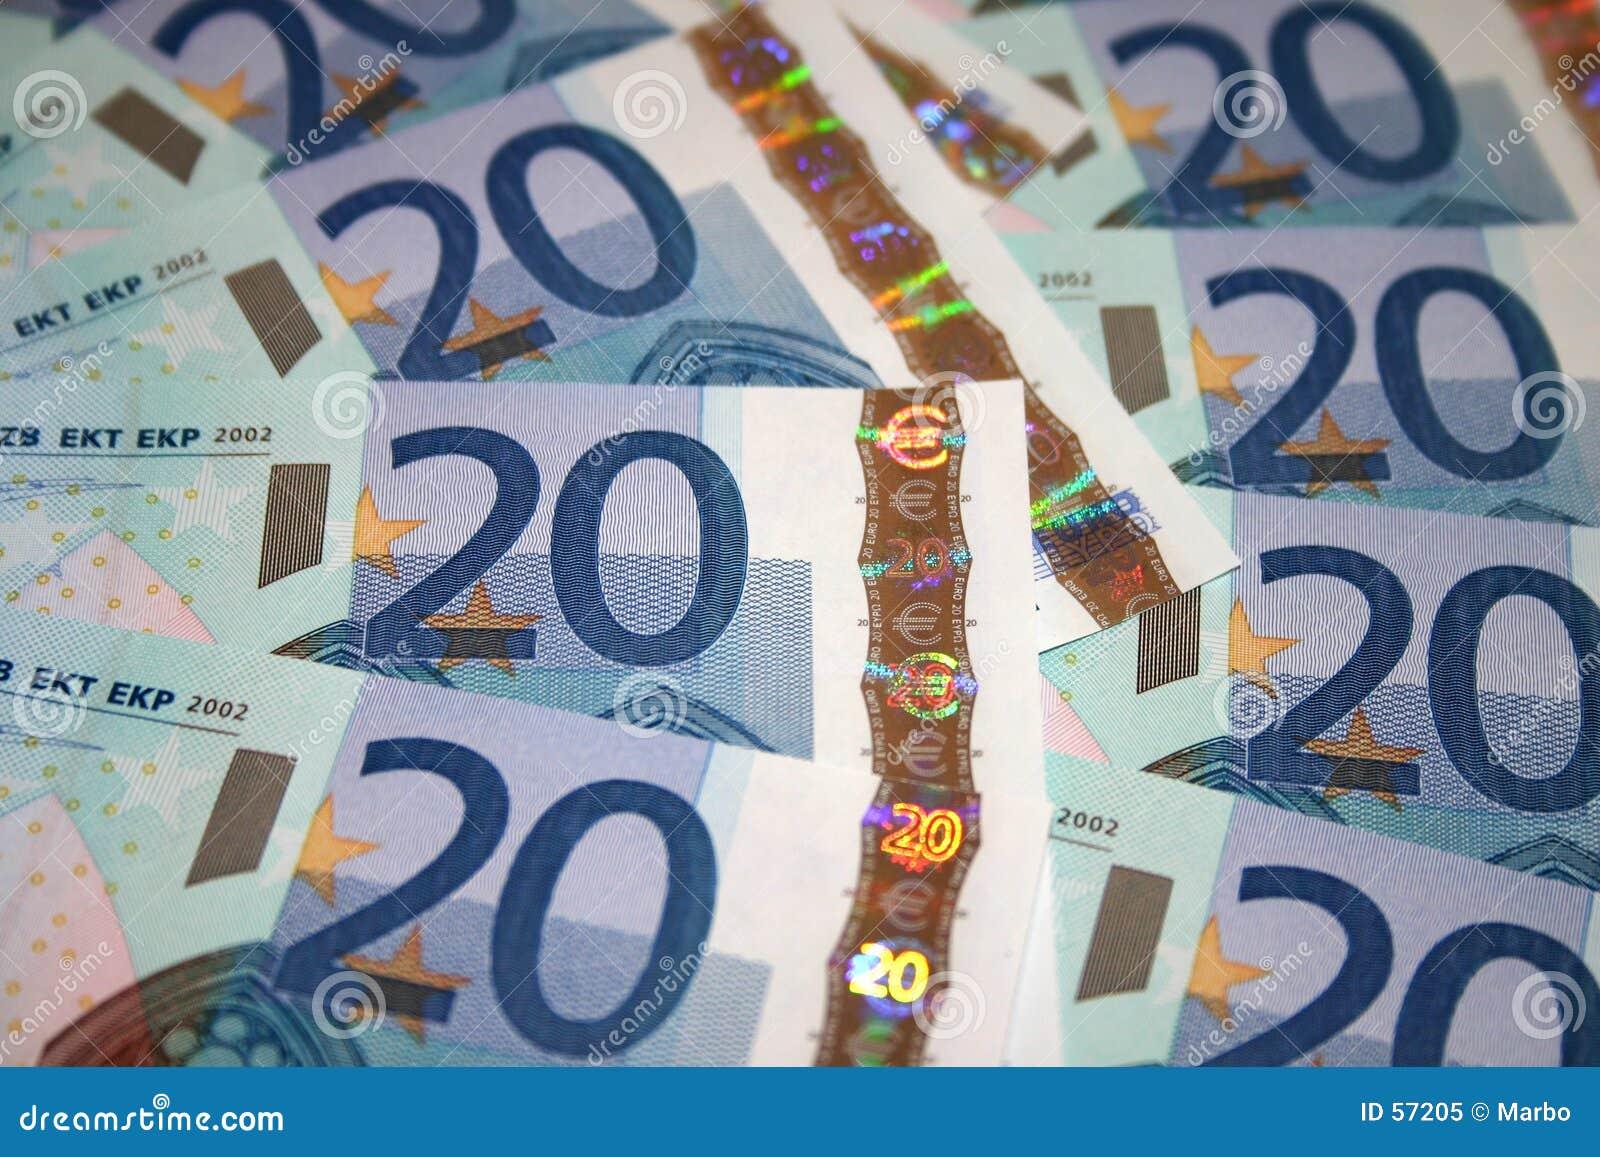 20 euro note/fatture